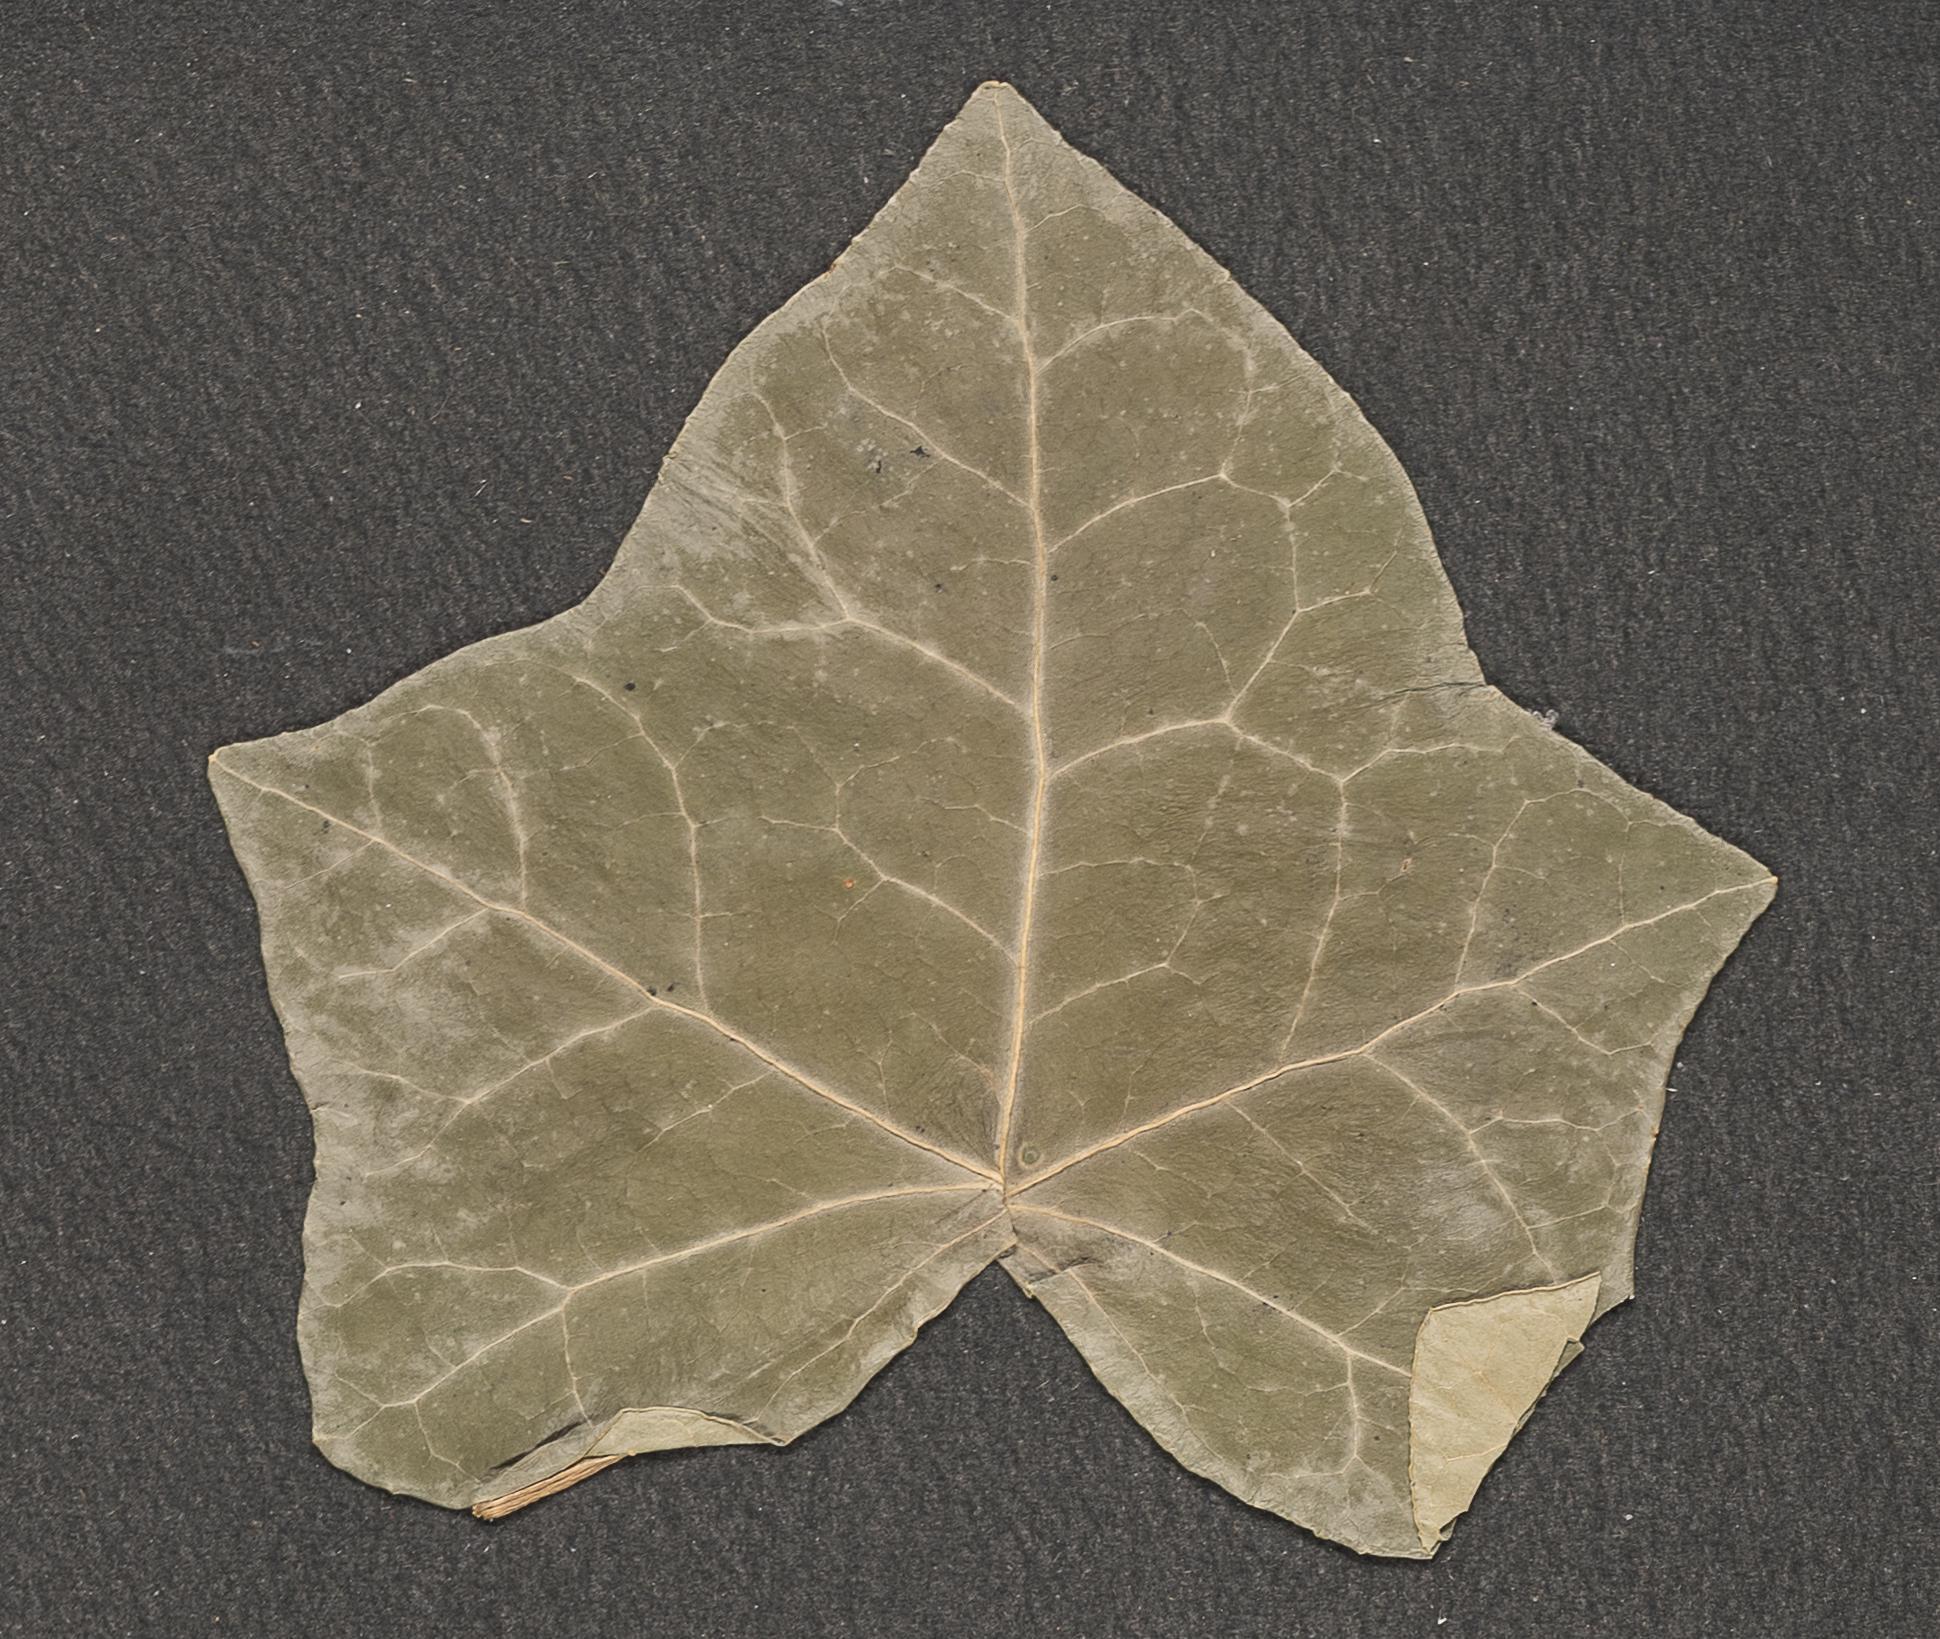 A worn out leaf.